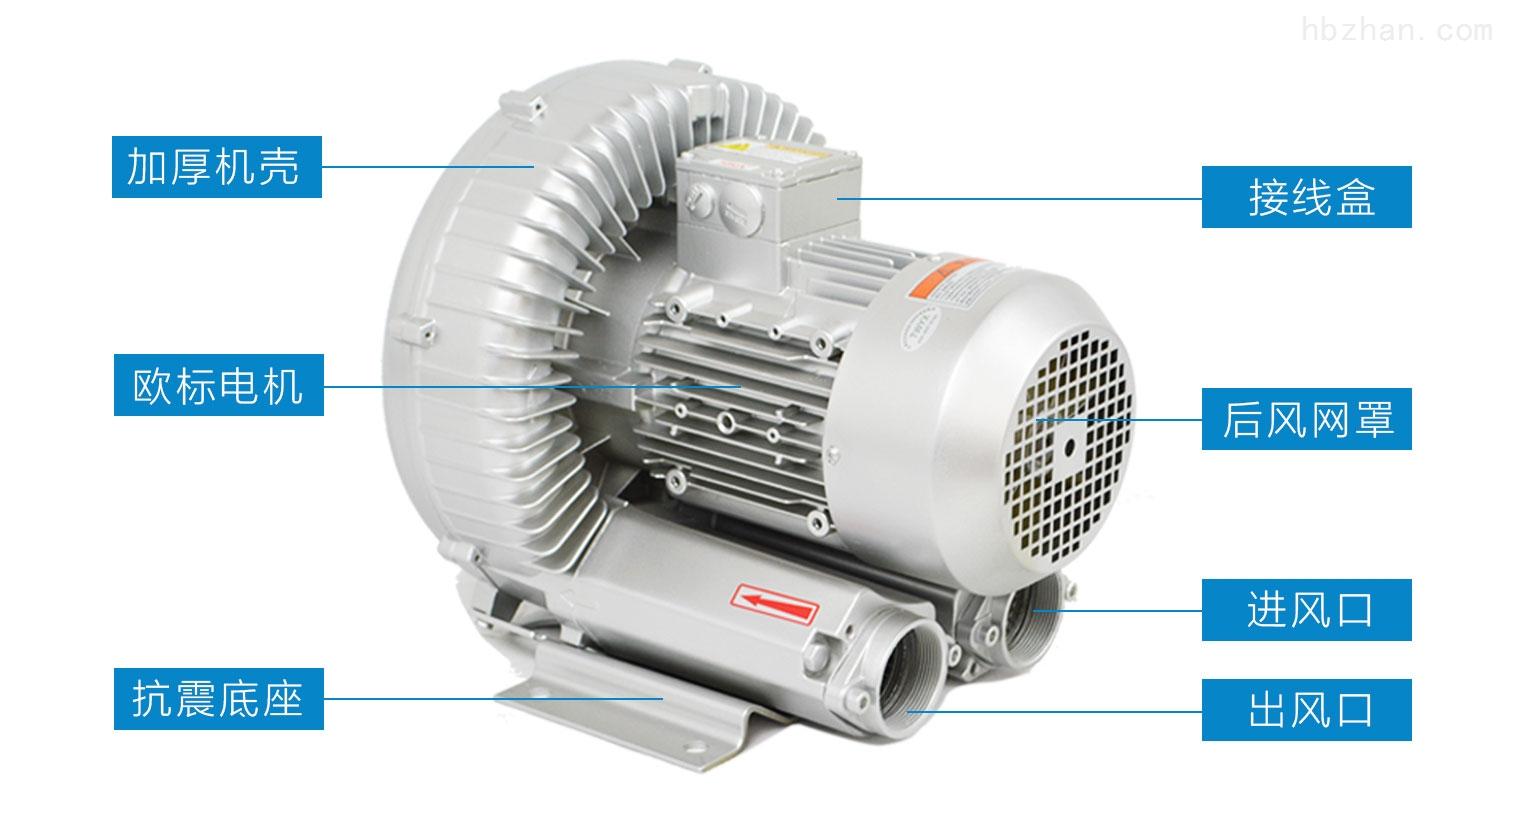 灌装设备全风高压风机